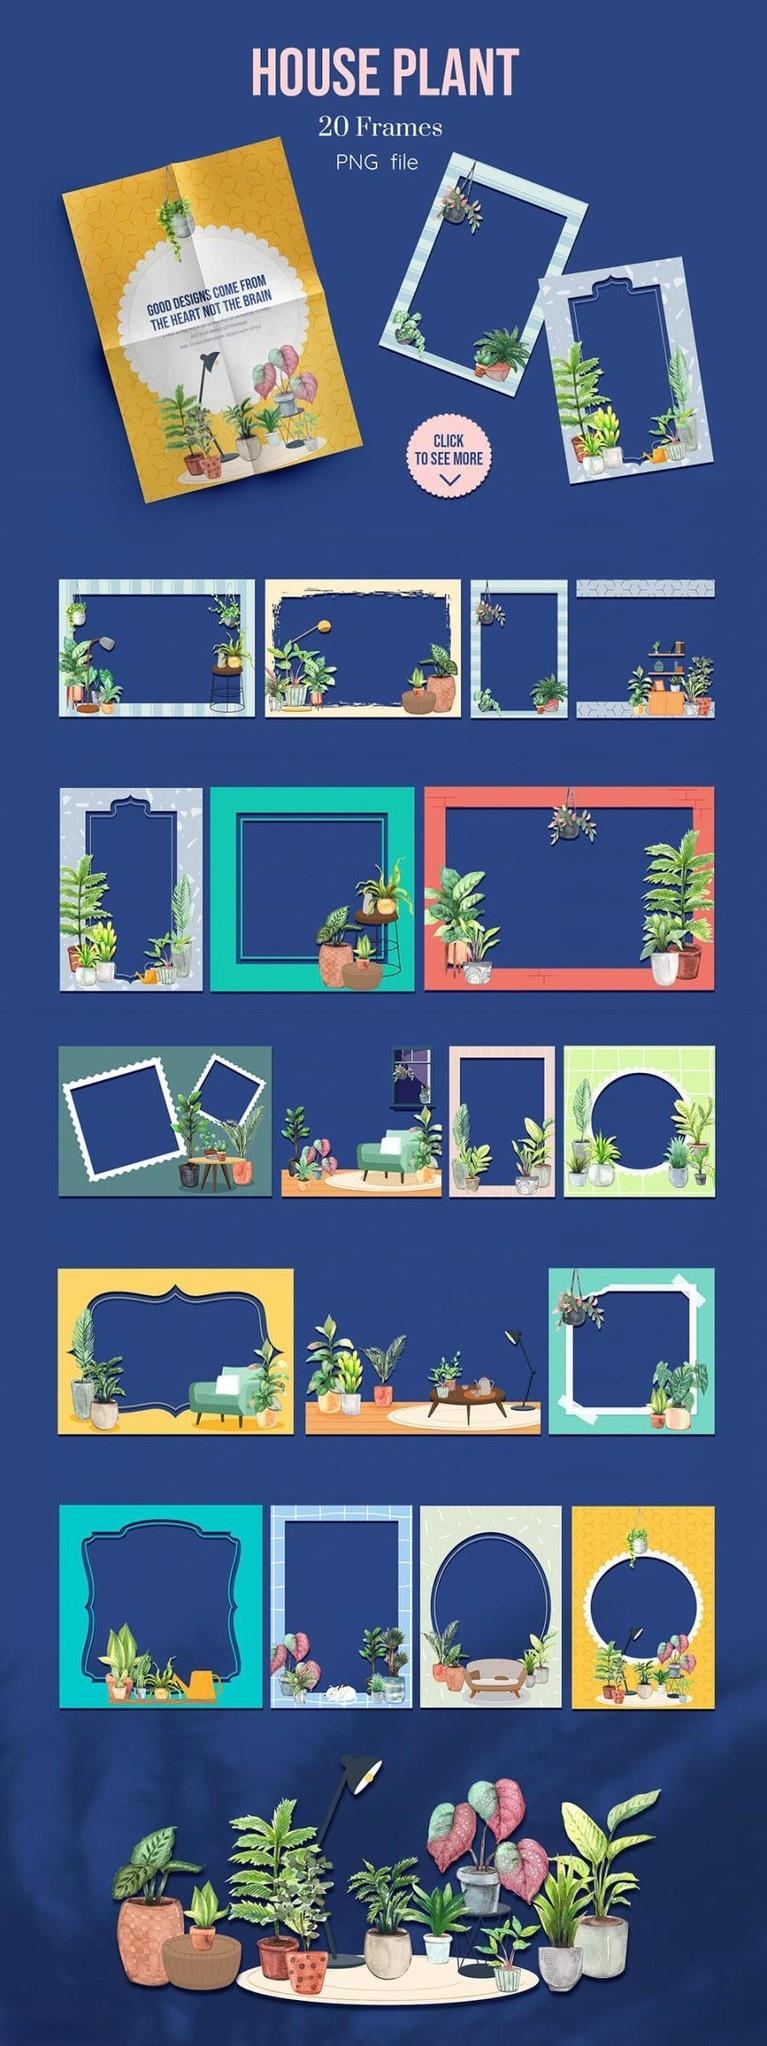 室内植物绿植花卉装饰水彩插画png插画素材插图(9)